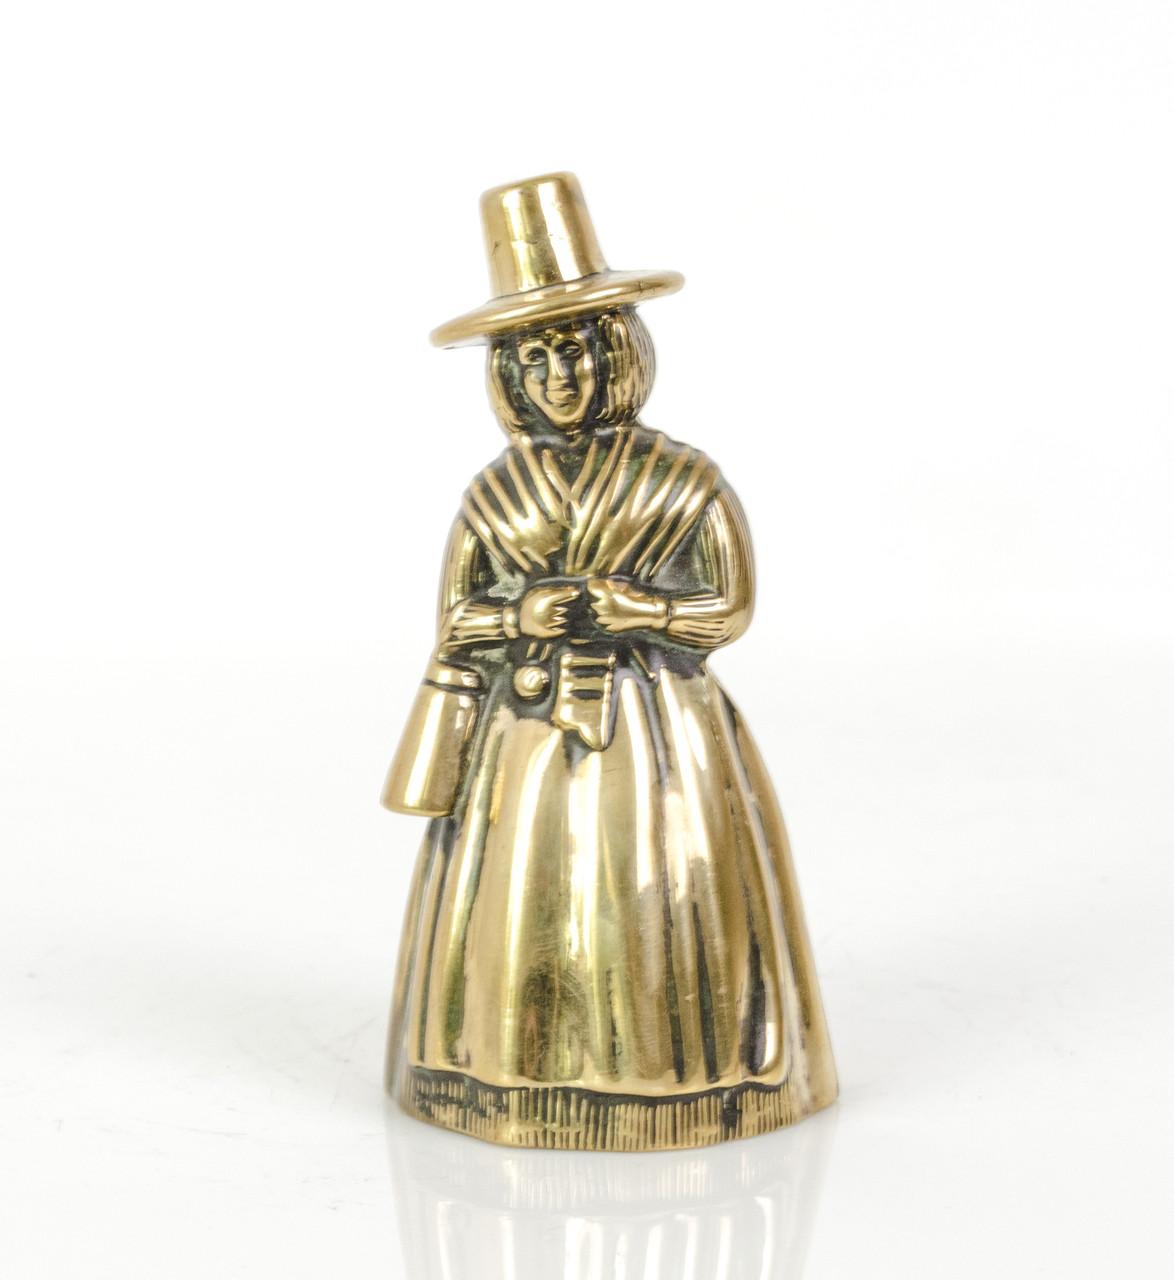 Коллекционный колокольчик, бронза, Англия, 10 см